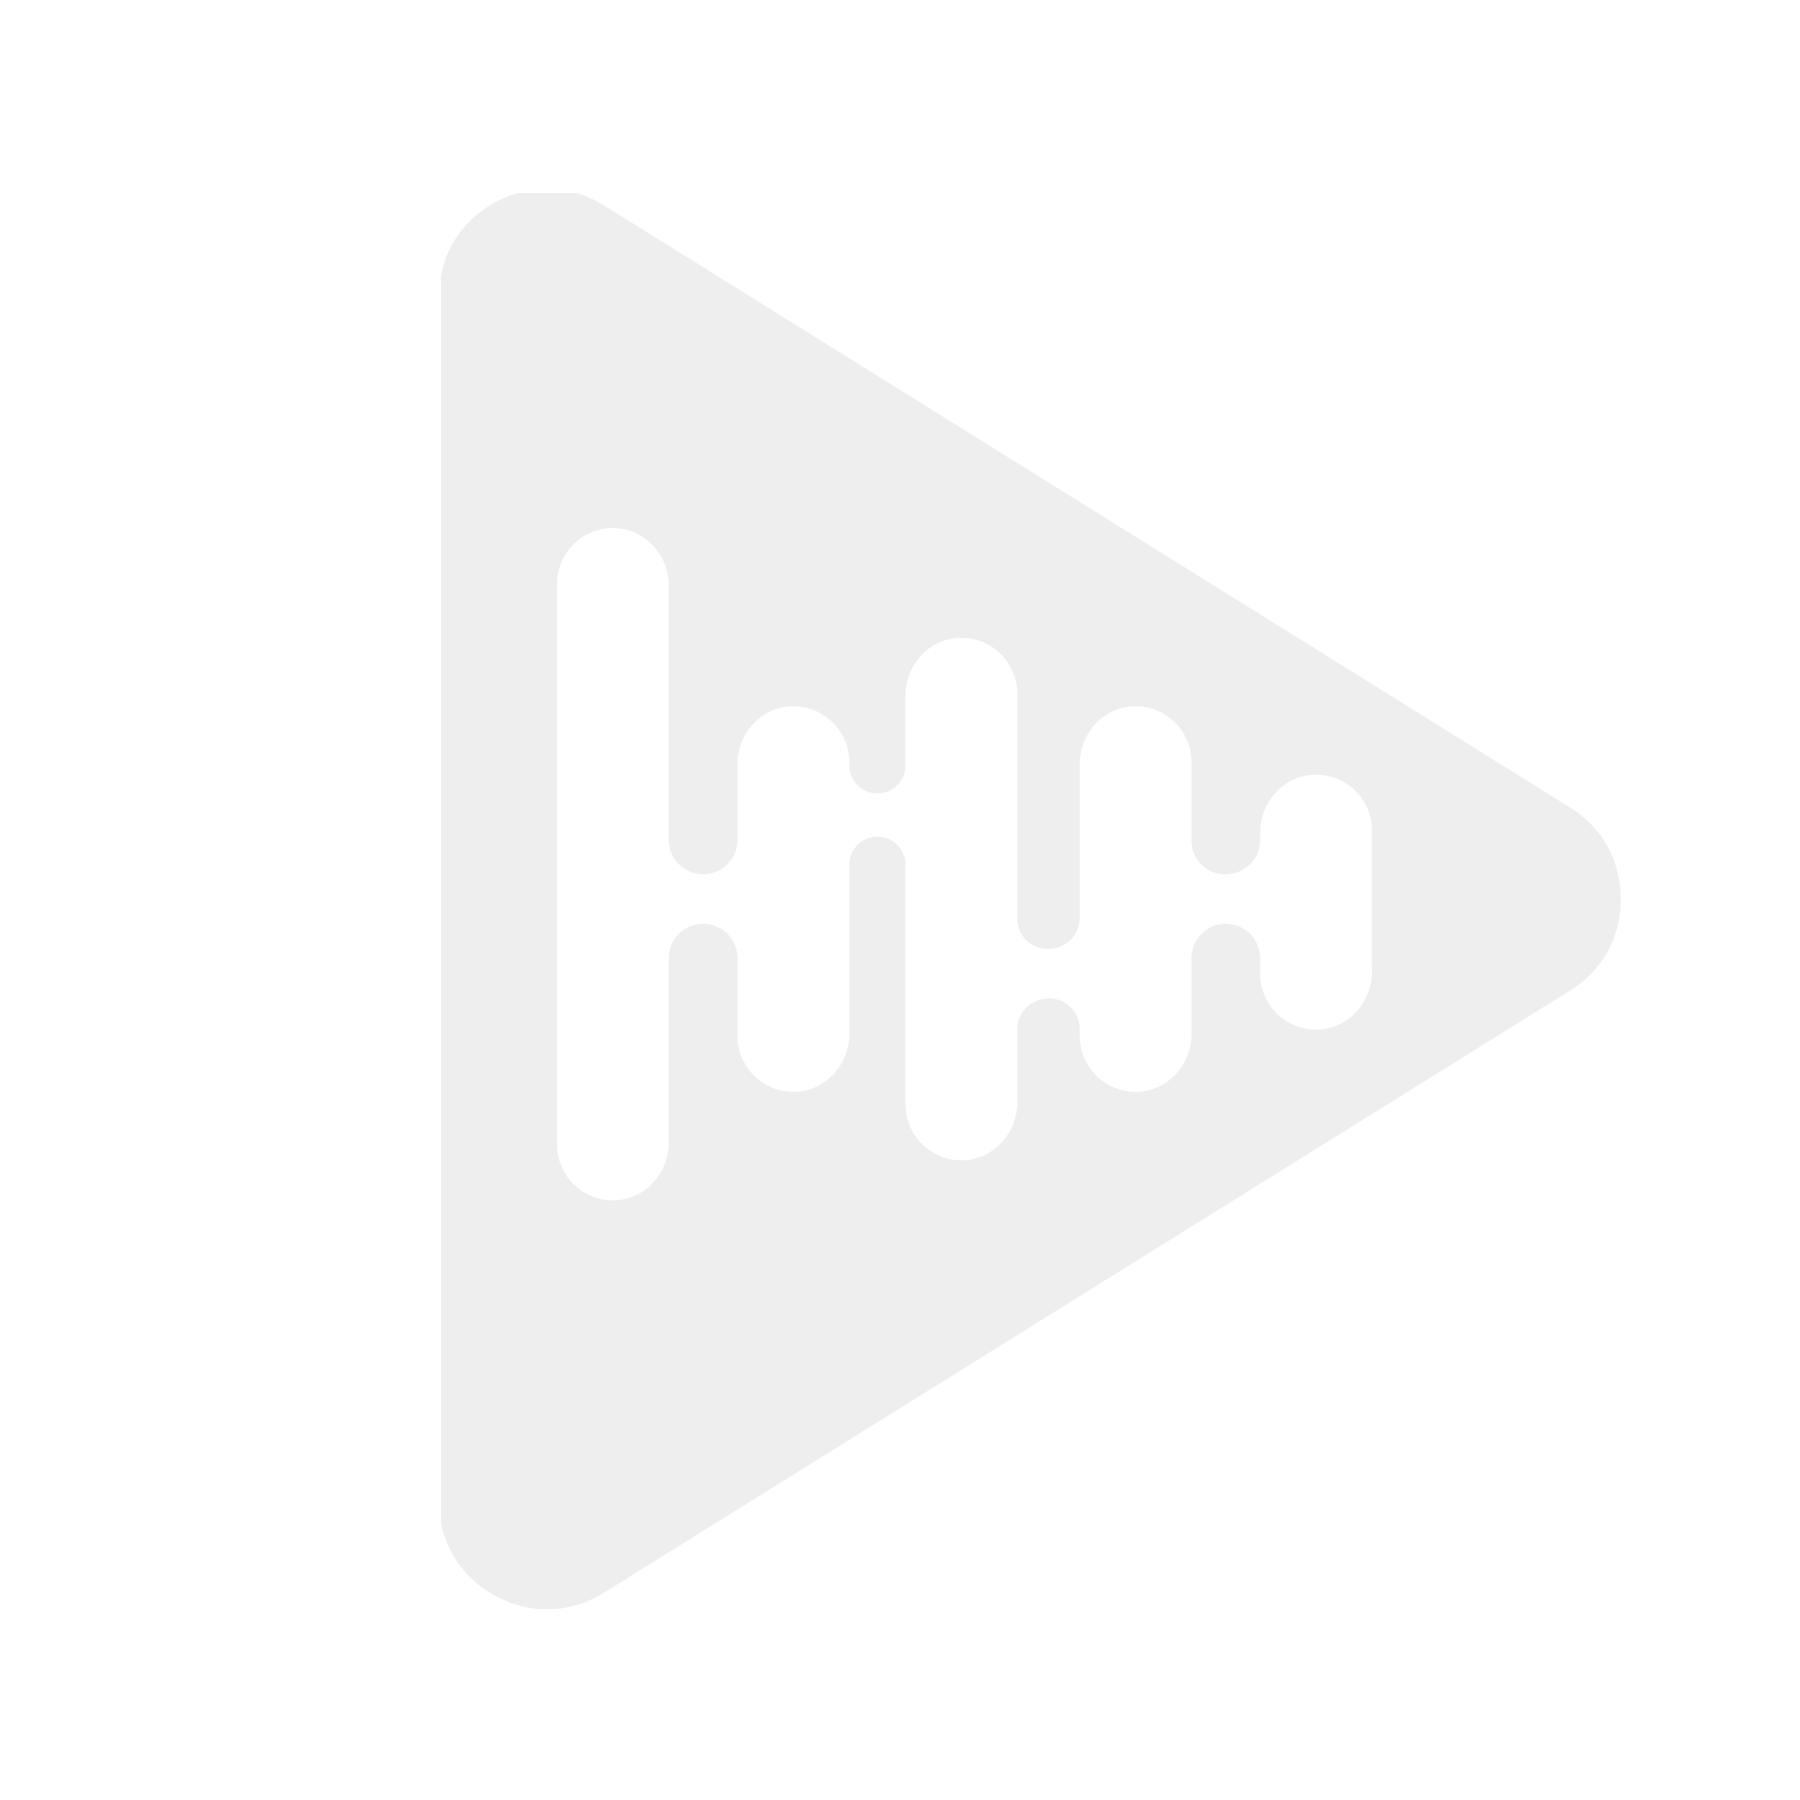 Grandview 148798 - Motor lerret Cyber, 100